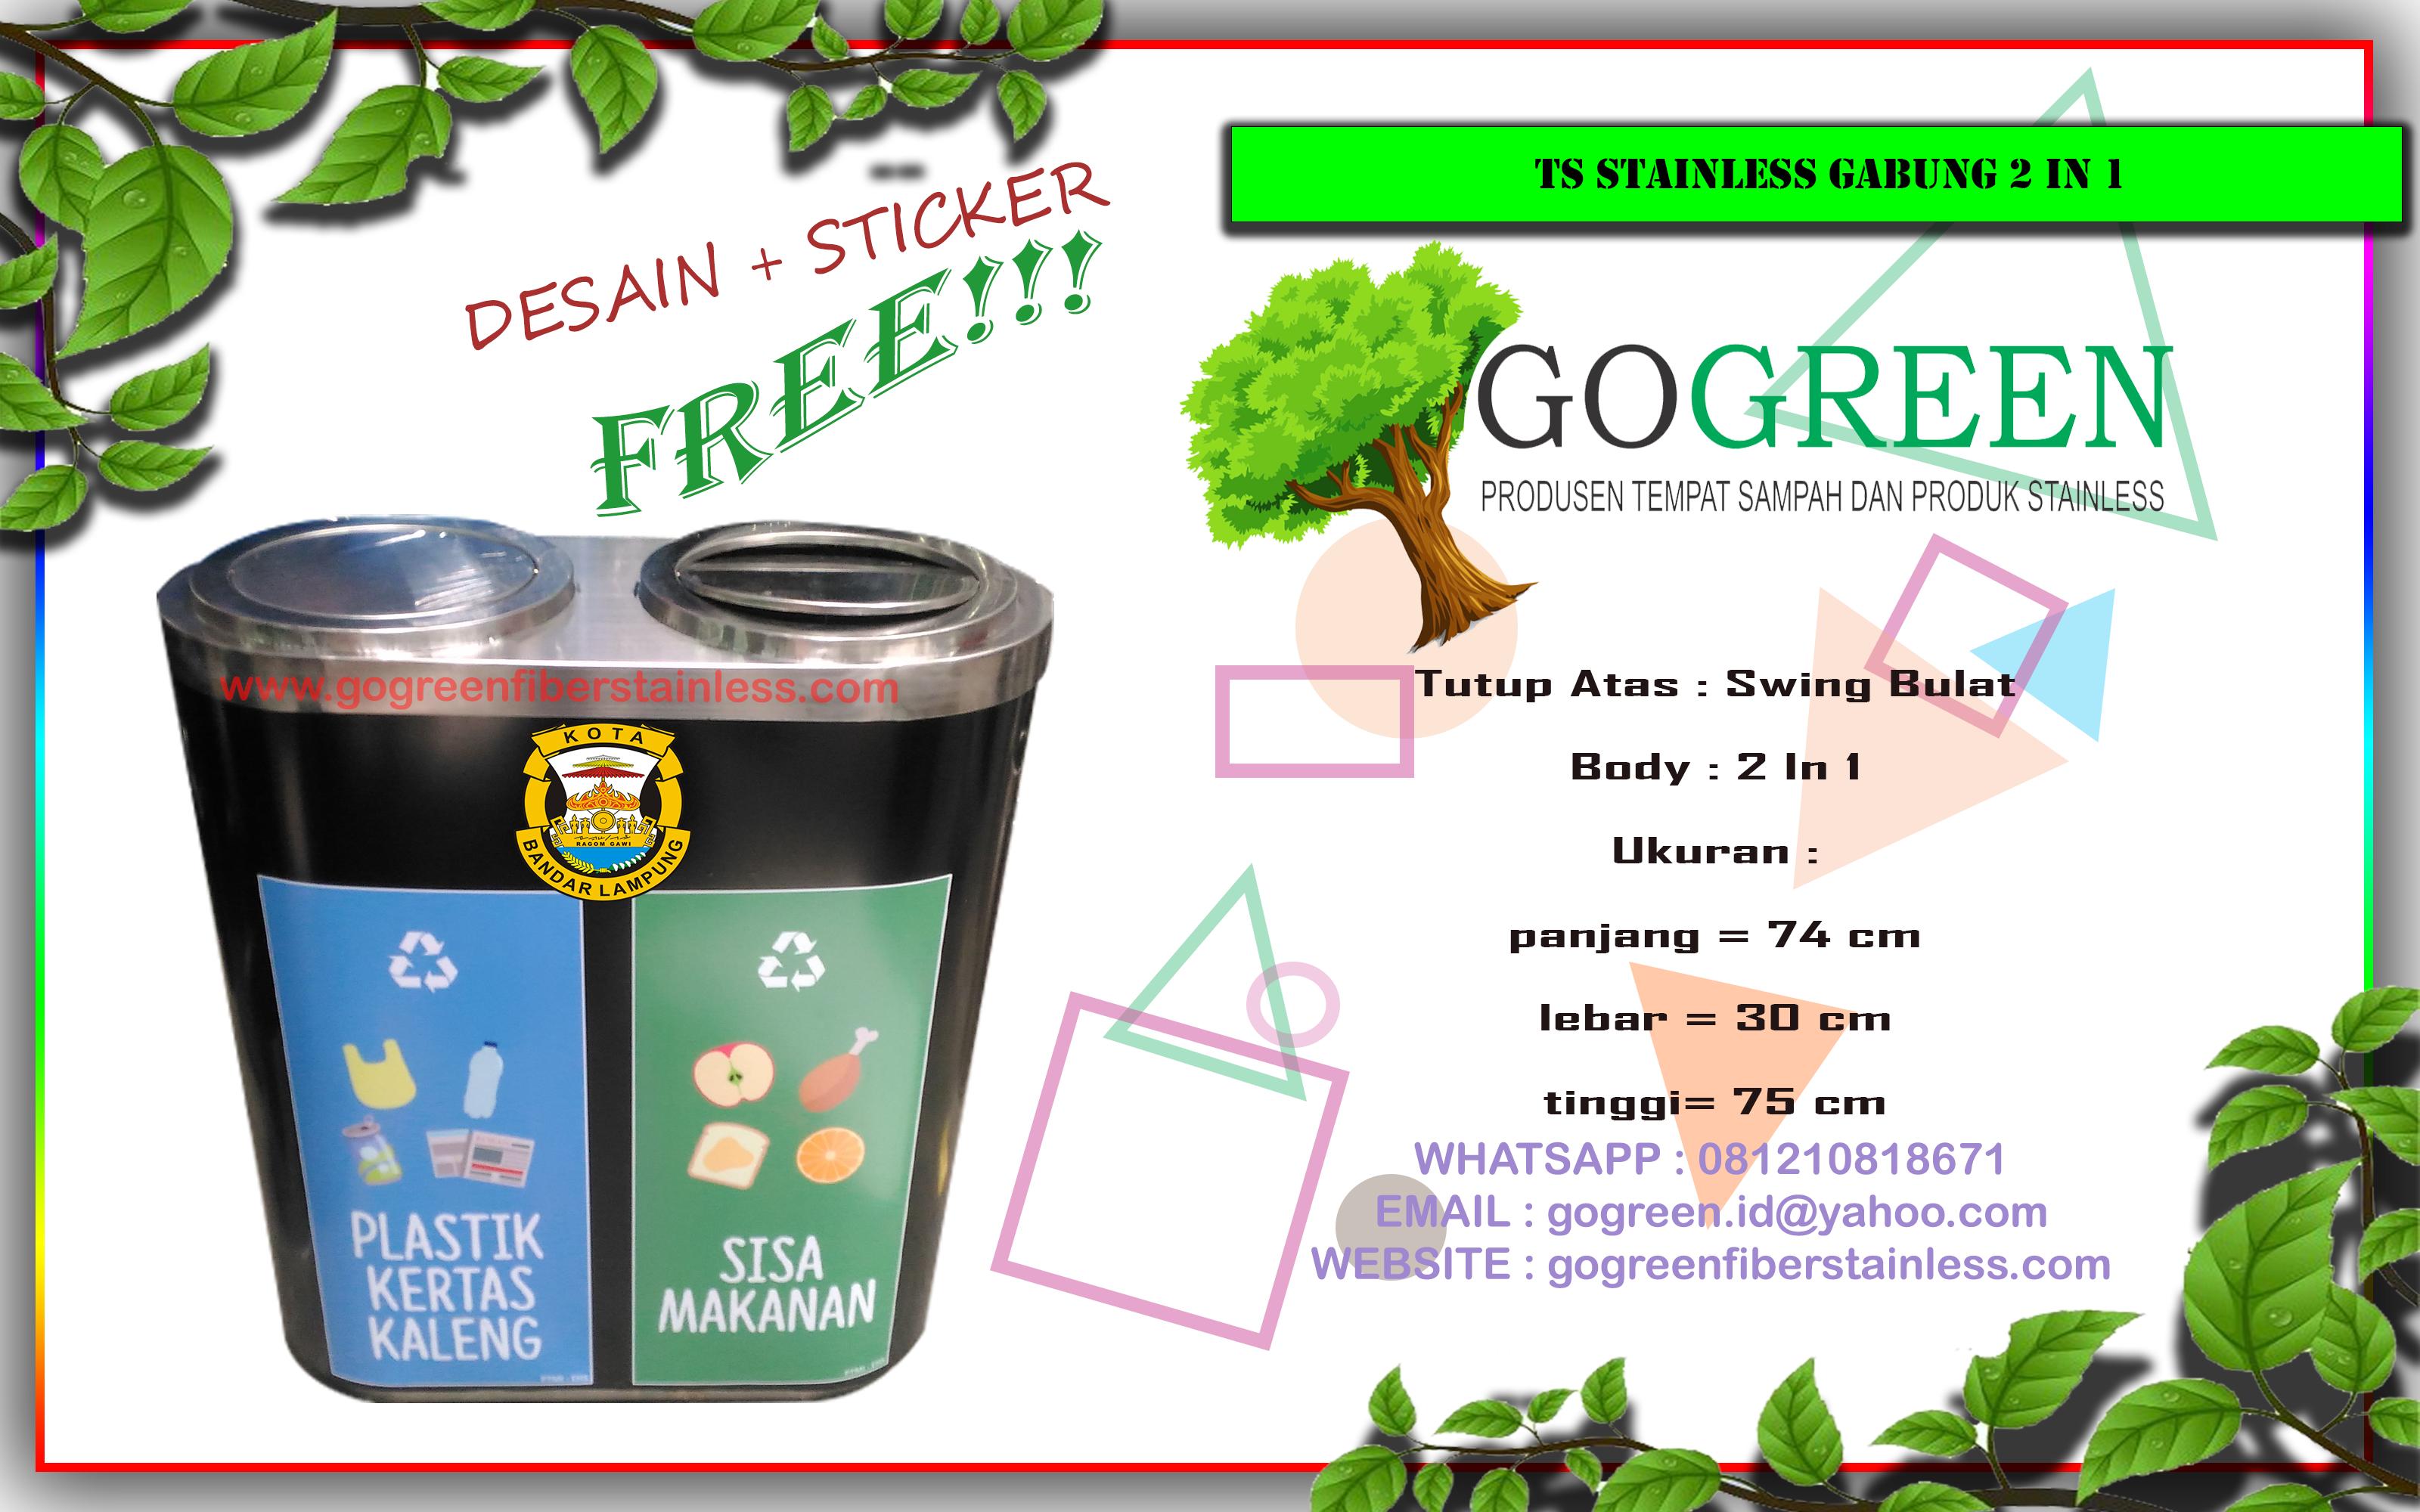 jual tempat sampah stainless steel 2 in 1 di Lampung, harga tong sampah stainless kapsul 2 warna dilampung, spesifikasi stenlis capsule, medis, infeksius, non infeksius